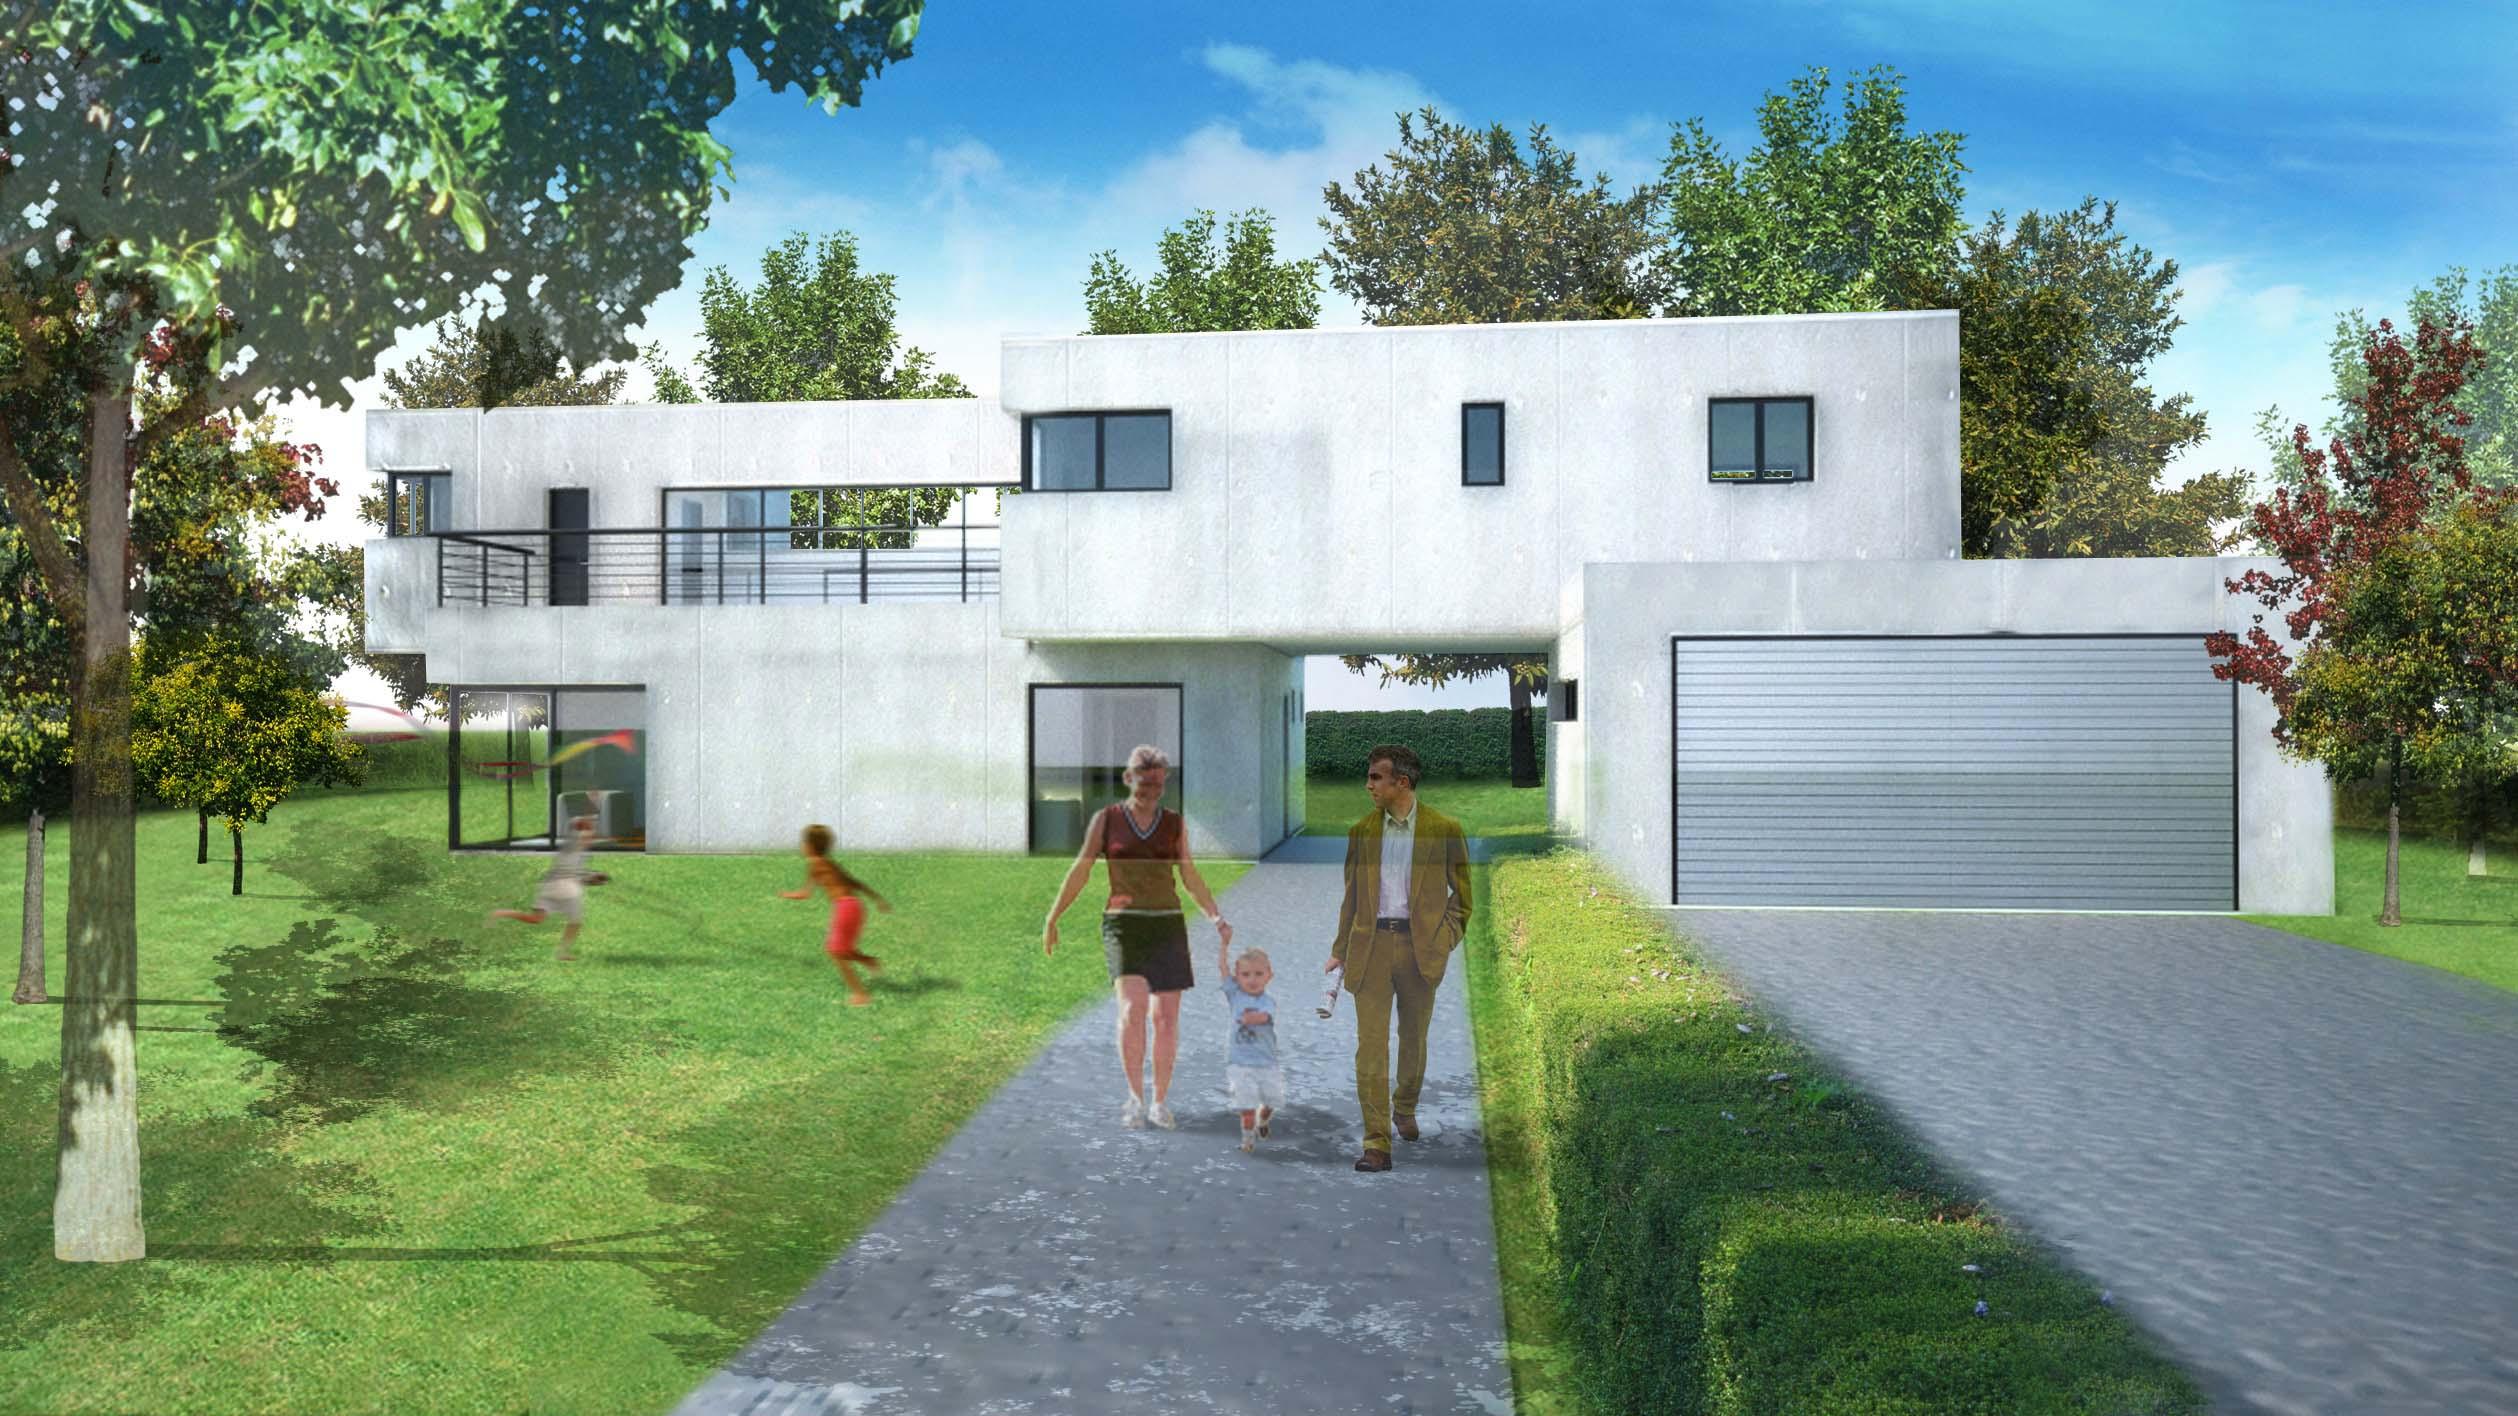 Maison bois contemporaine seine et marne for Constructeur maison bois contemporaine 77